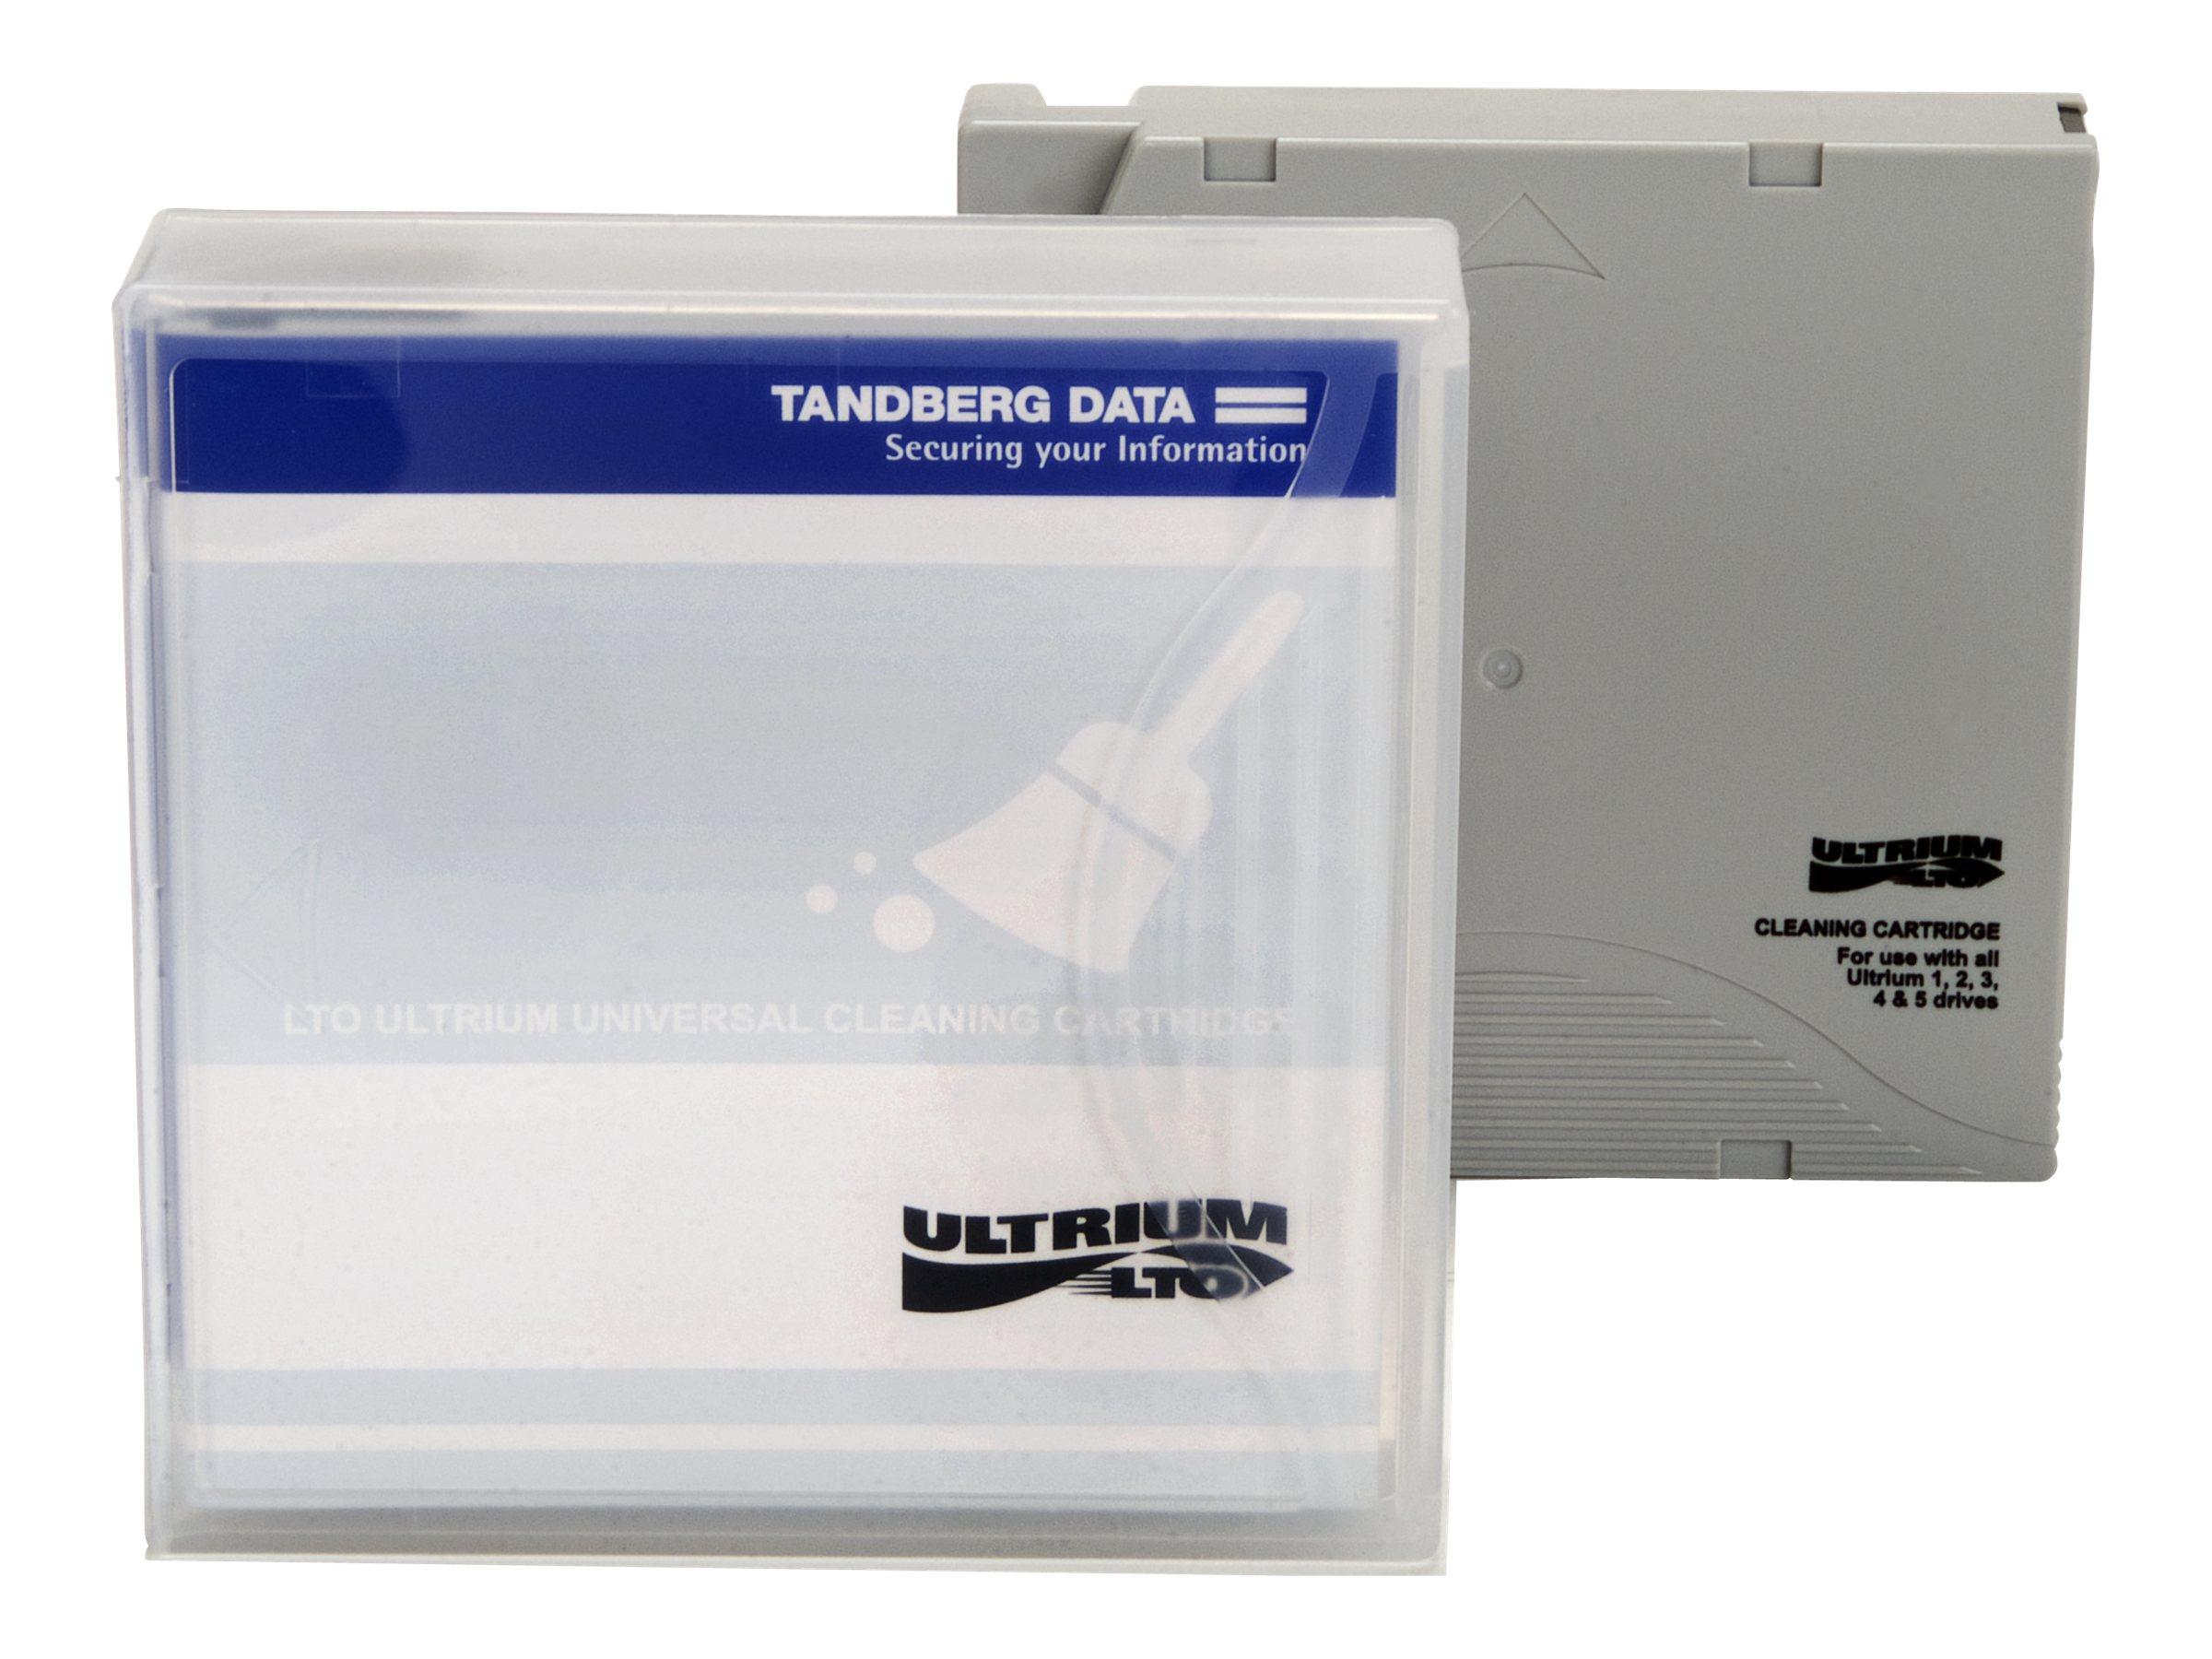 Tandberg - LTO Ultrium - Reinigungskassette - für P/N: 2491-LTO, 2492-LTO, 3533-LTO, 3534-LTO, 3535-LTO, 3536-LTO, 8180-LTO, 871